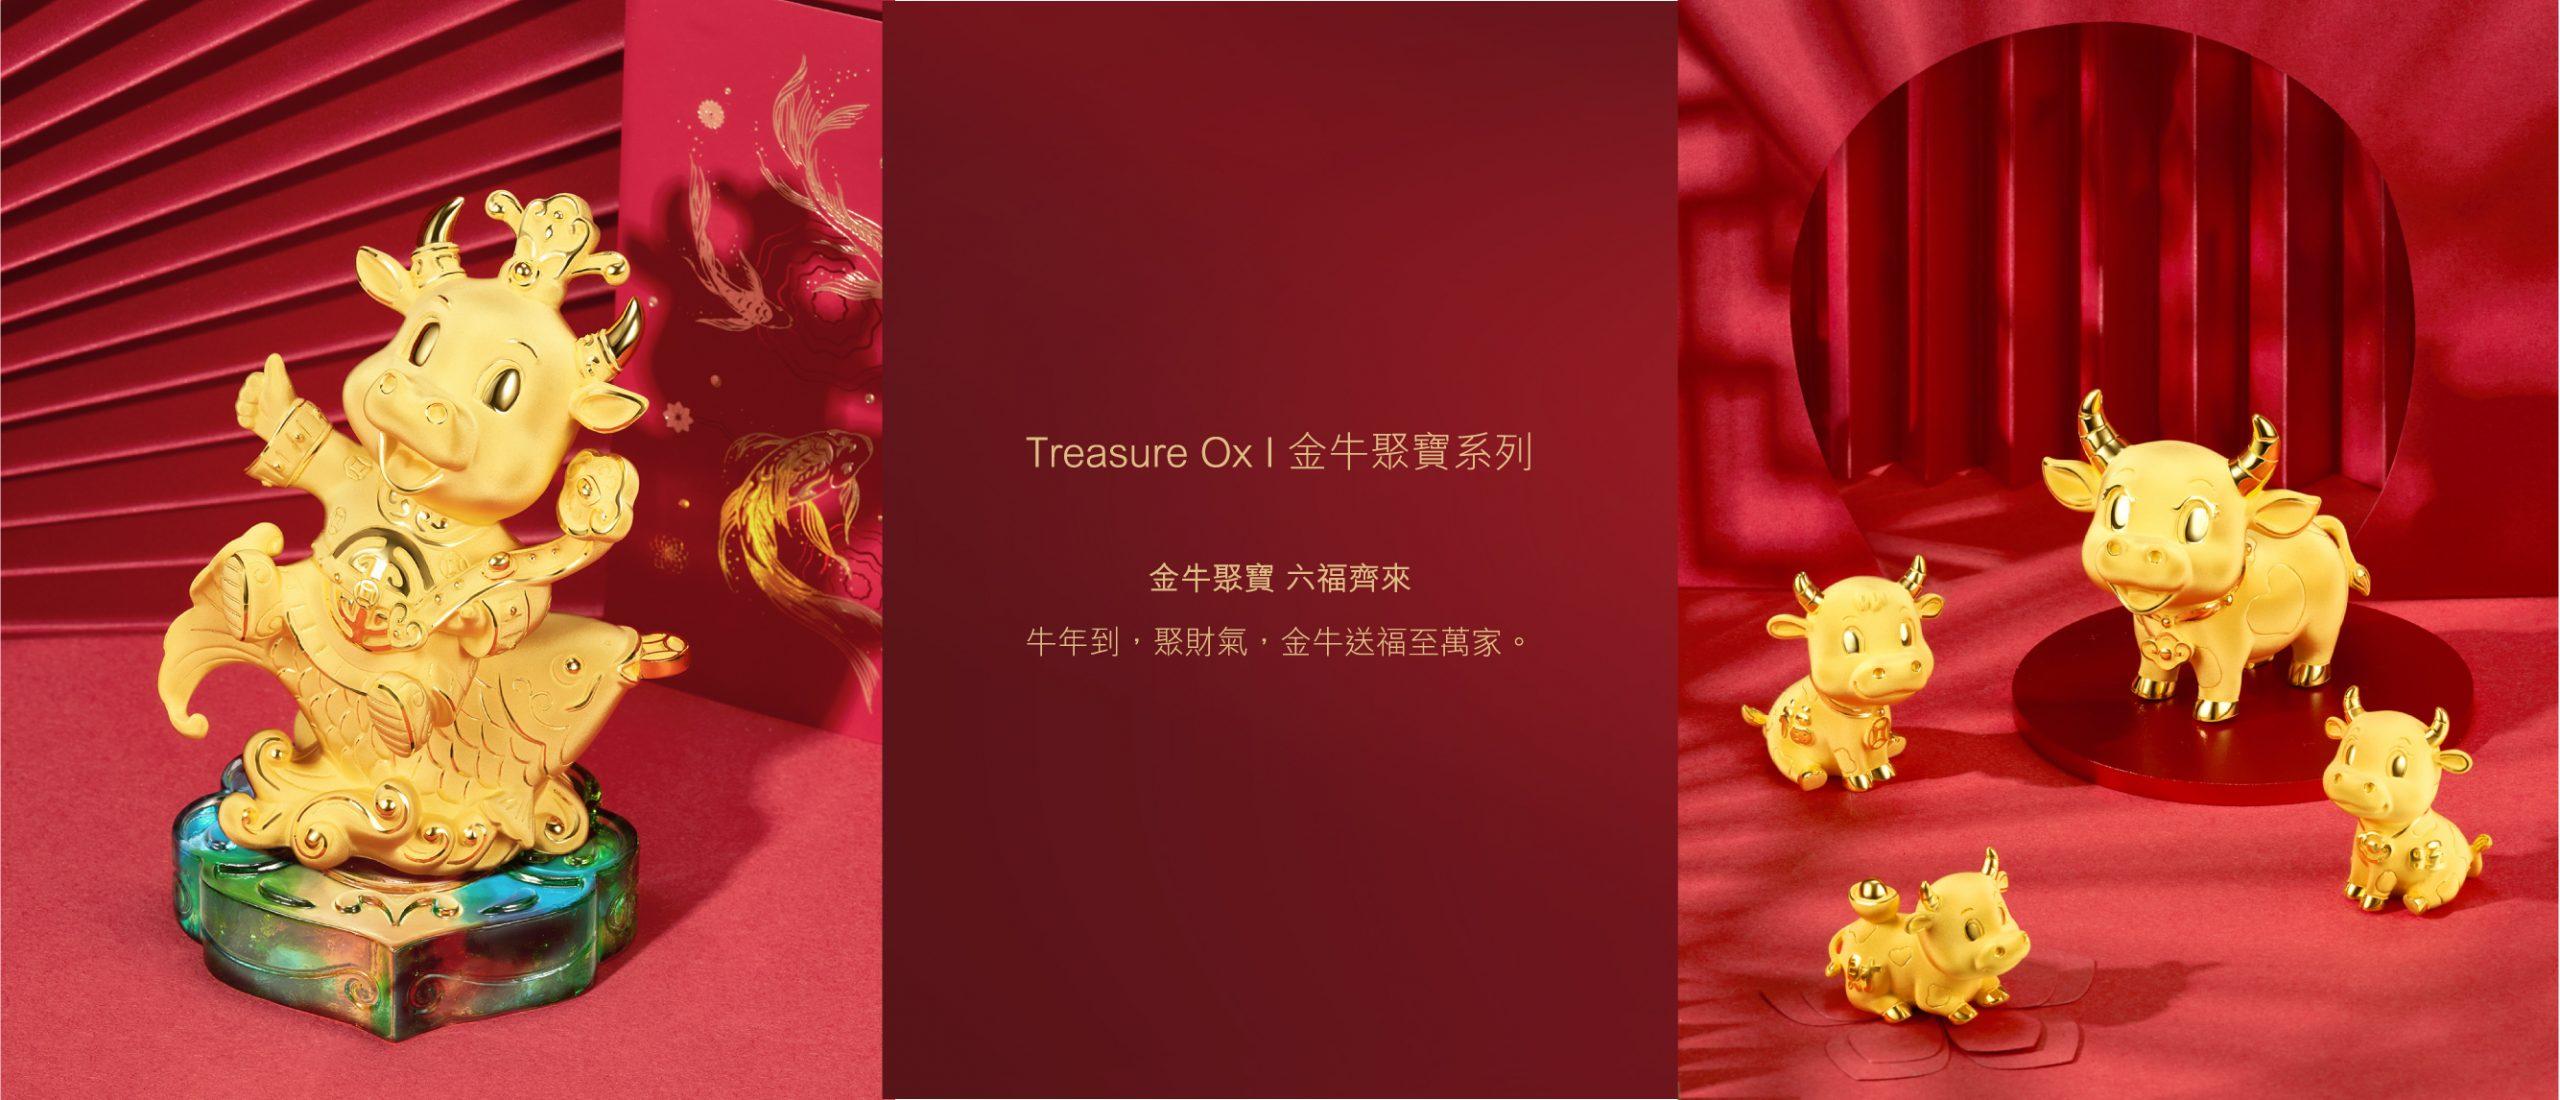 Treasure Ox |「金牛聚寶」系列